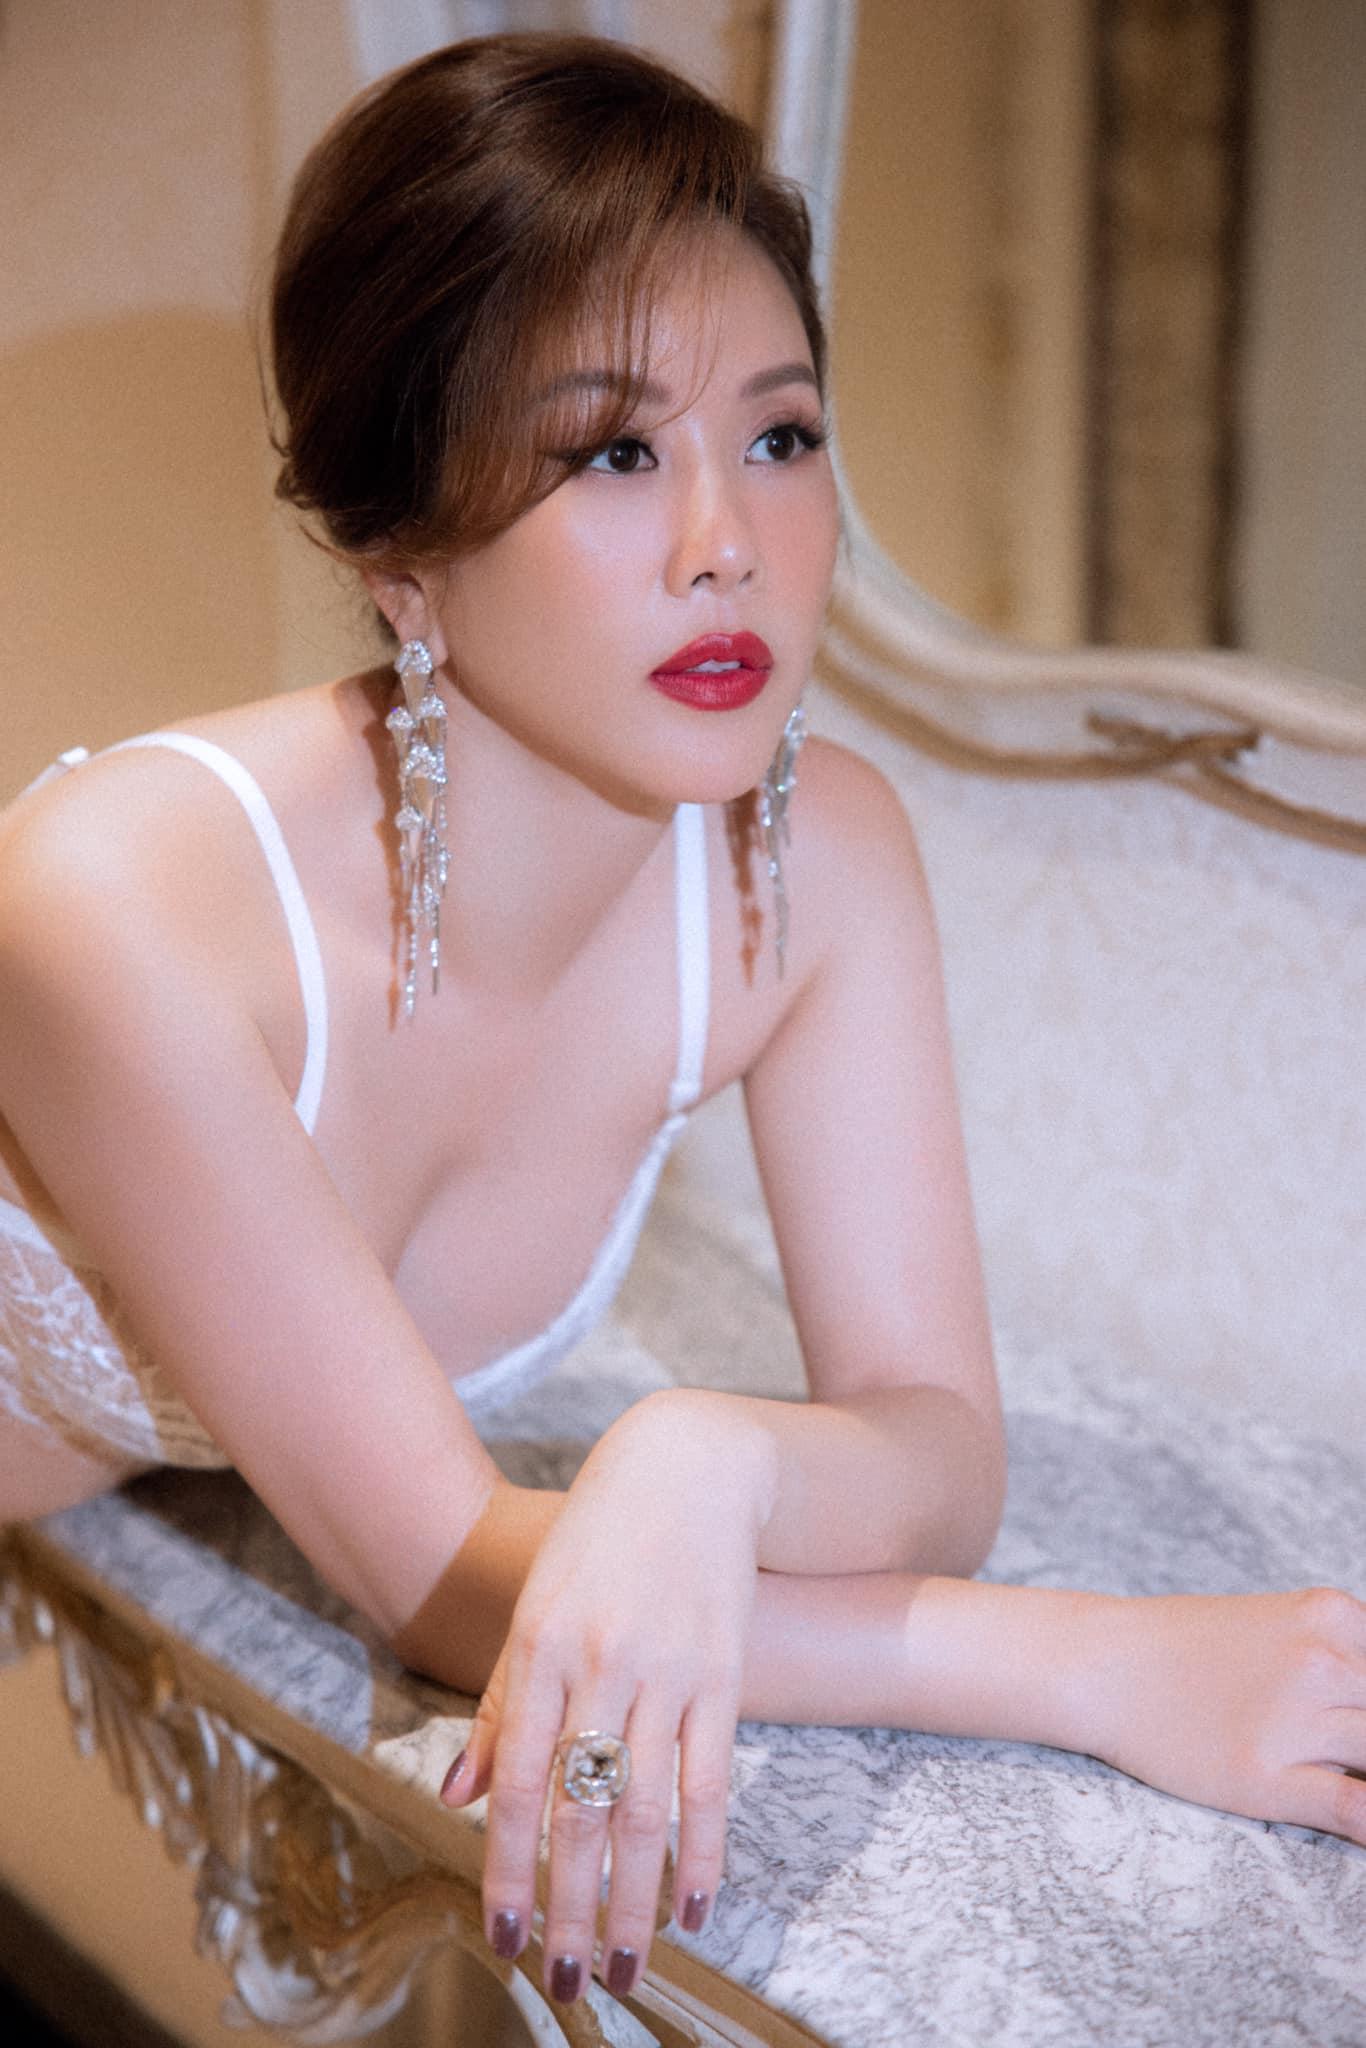 """Góc khuất cuộc sống của Hoa hậu Thu Hoài ở tuổi 45: Quyến rũ """"vạn người mê"""", hạnh phúc bên tình trẻ kém 10 tuổi - Ảnh 12."""